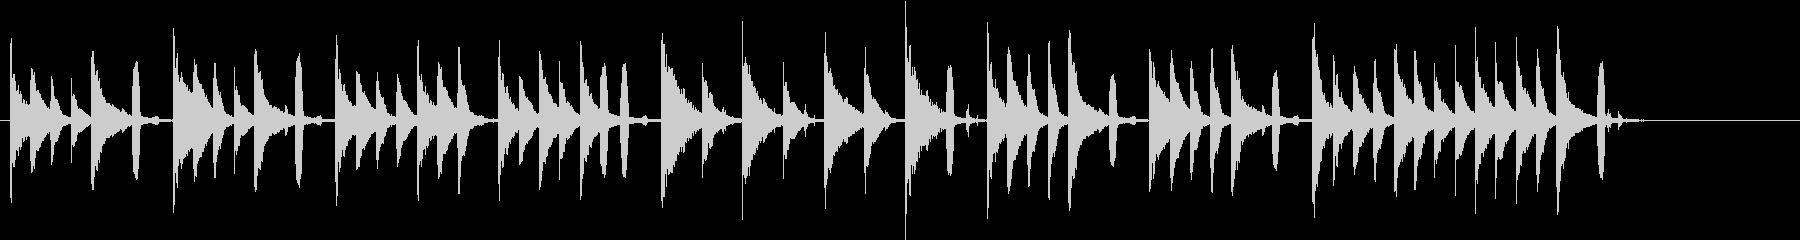 木琴がメインで不思議な雰囲気のジングルの未再生の波形